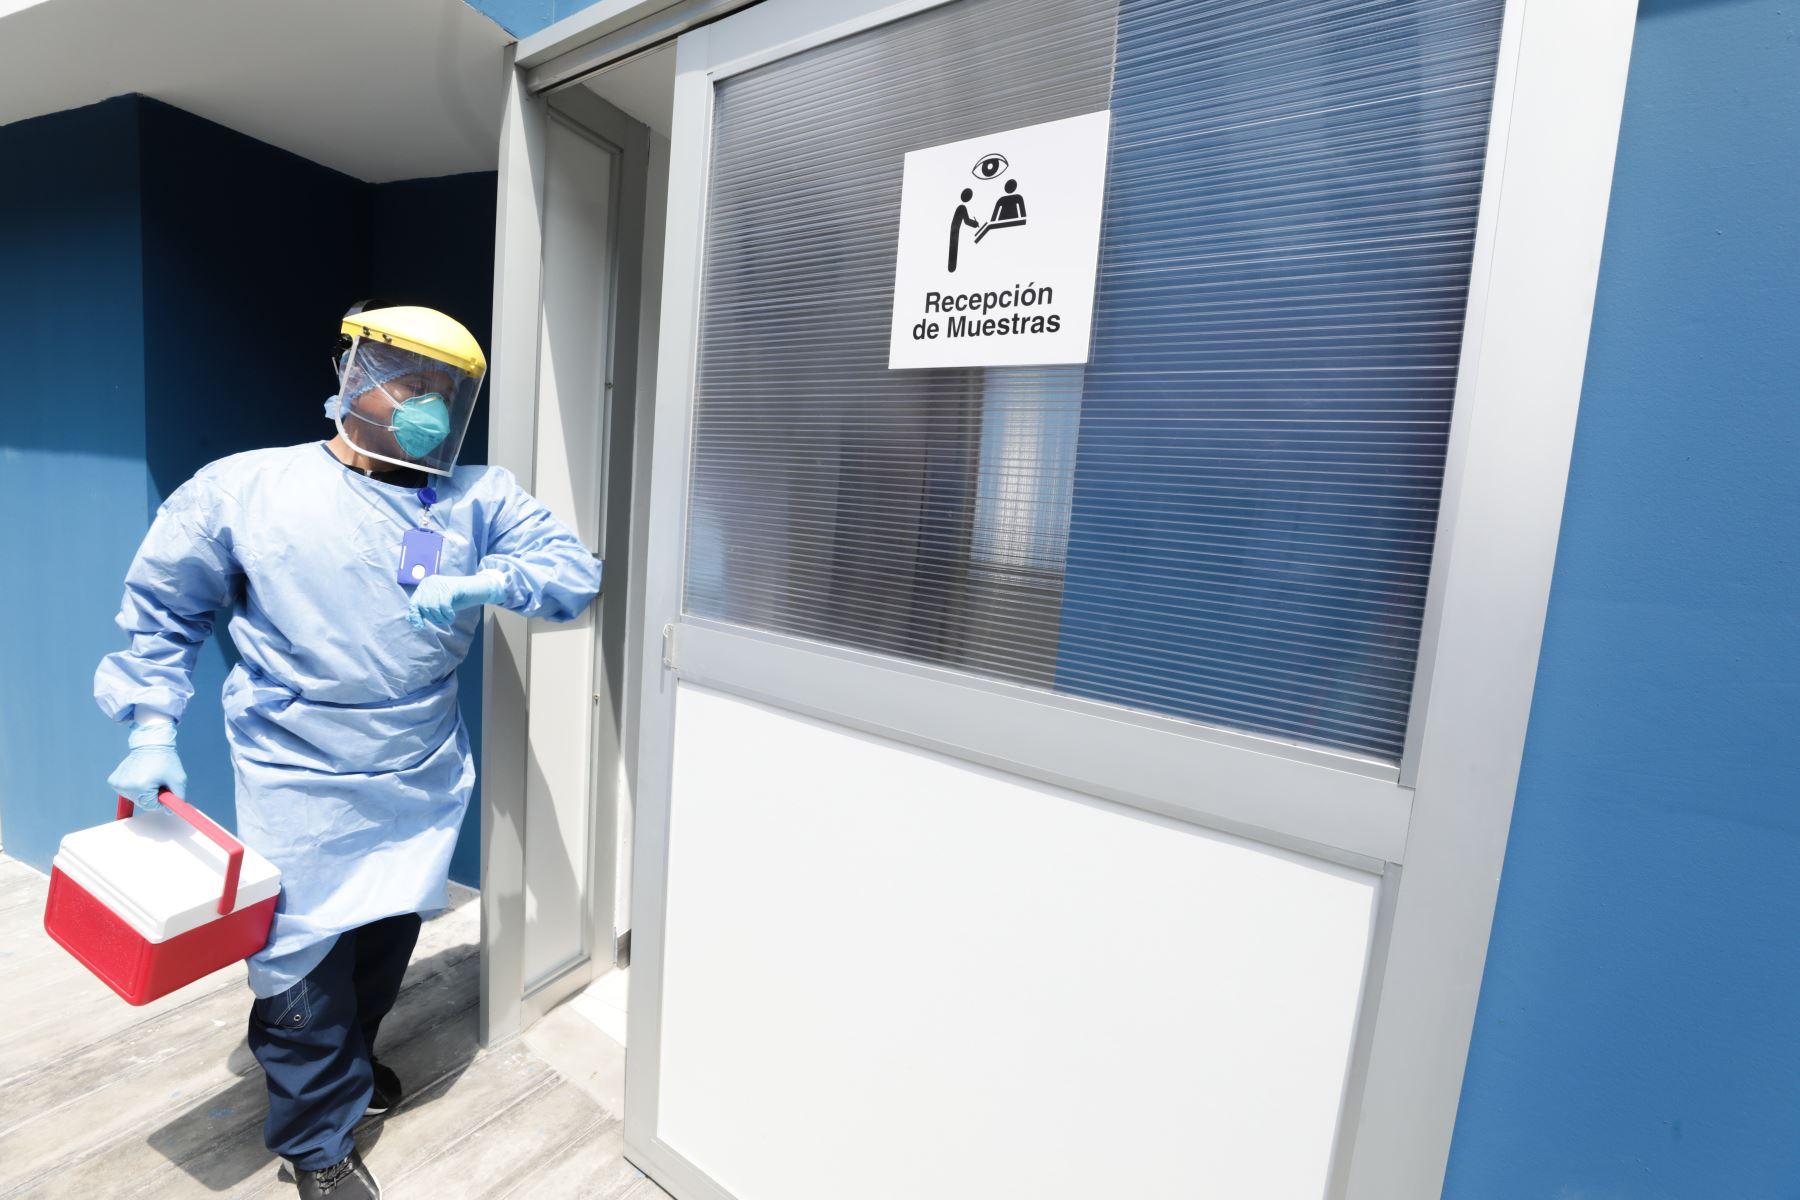 El laboratorio molecular del hospital Guillermo Almenara cuenta con un equipo multidisciplinario de ocho personas, entre patólogos clínicos, biólogos, tecnólogos y técnicos de laboratorio, con una amplia experiencia en técnicas de análisis molecular.Foto:ANDINA/Essalud